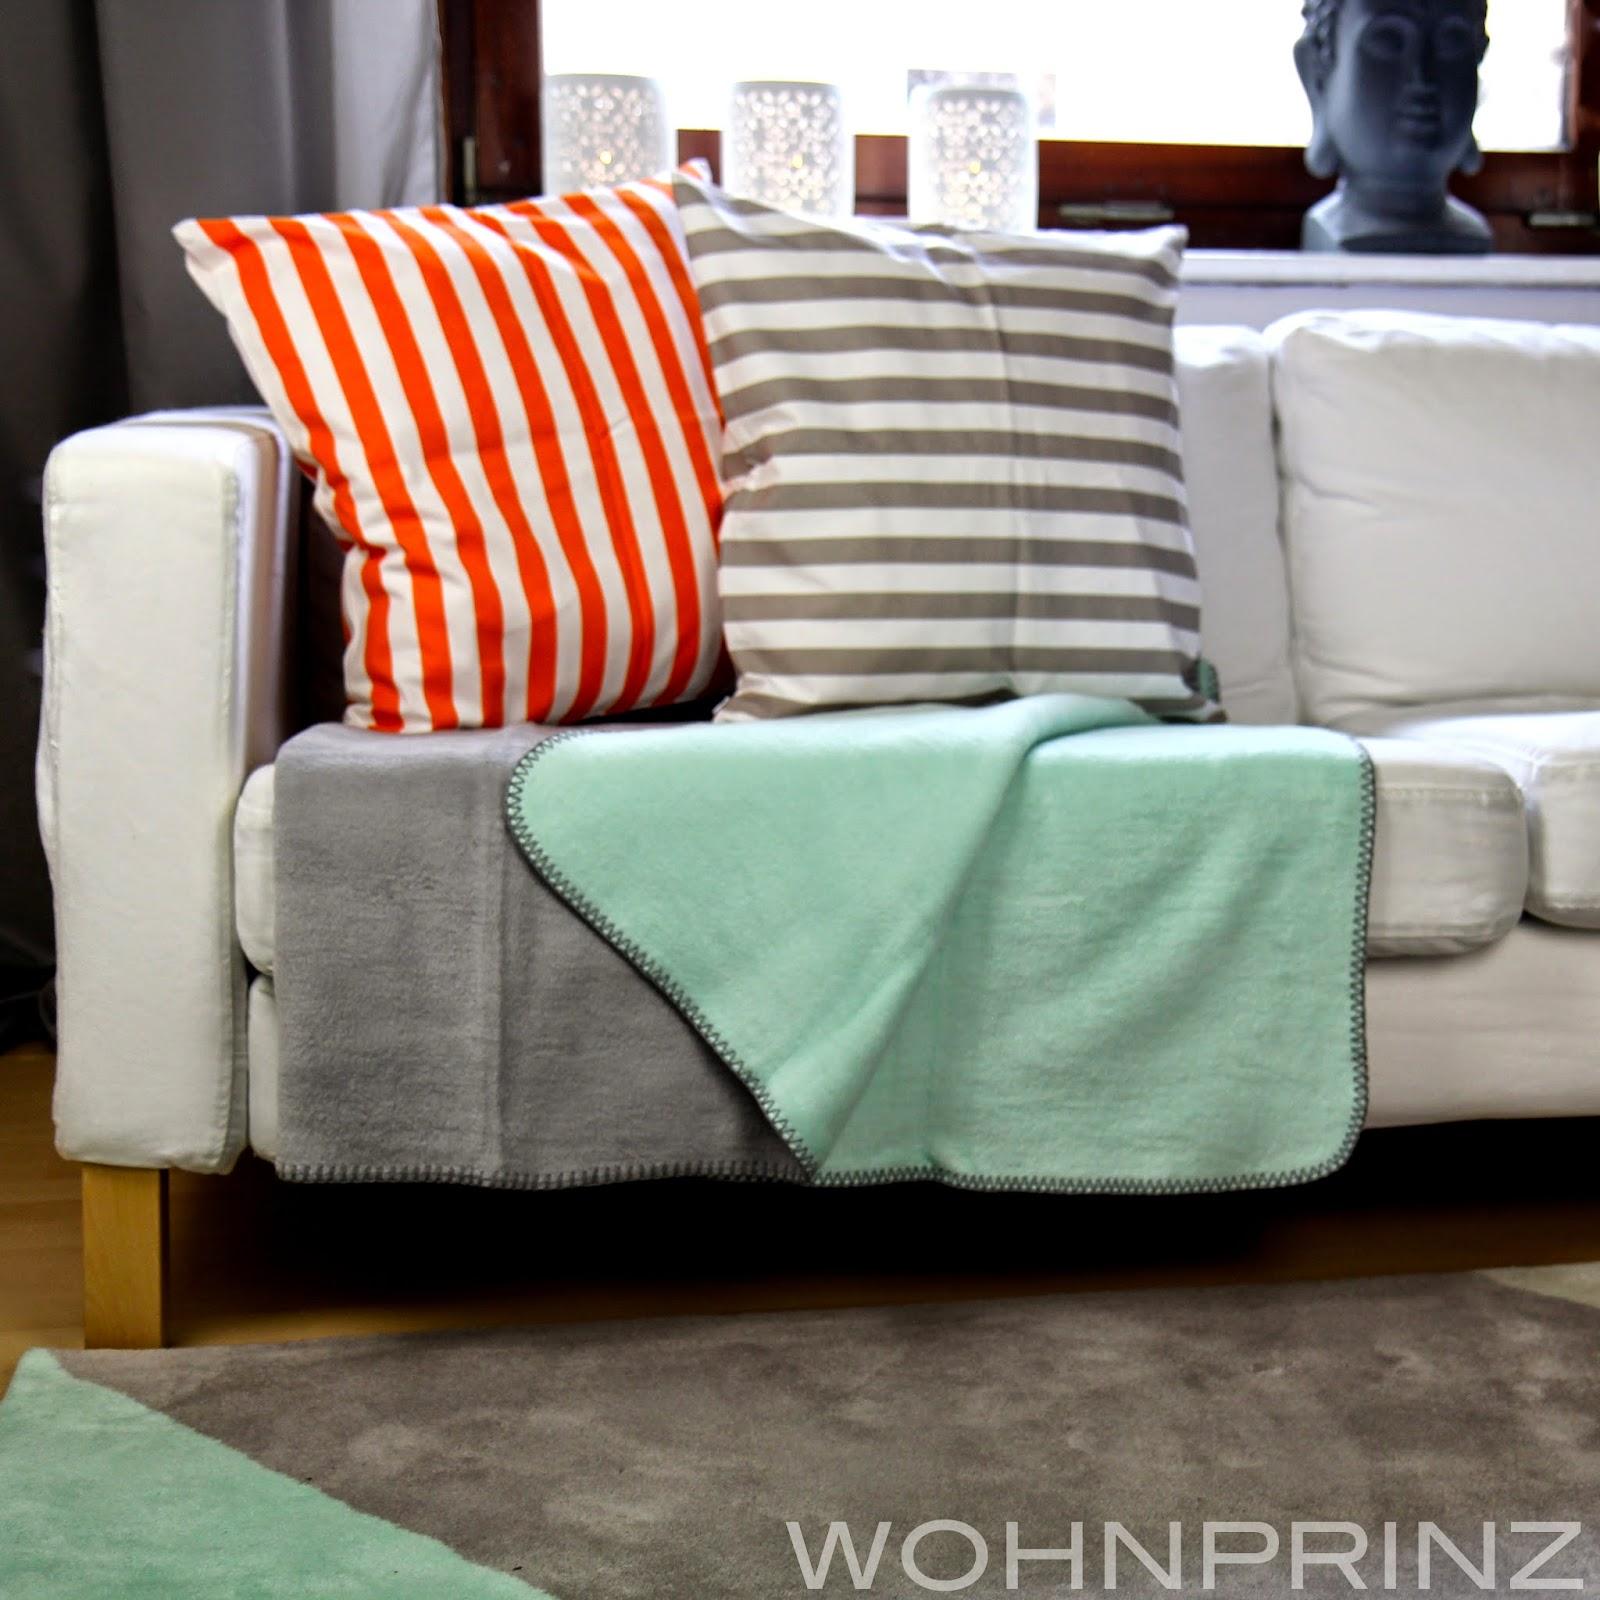 bastian der wohnprinz wohnblogger im videoformat neue tchibo wohnwelt grau meets mint. Black Bedroom Furniture Sets. Home Design Ideas